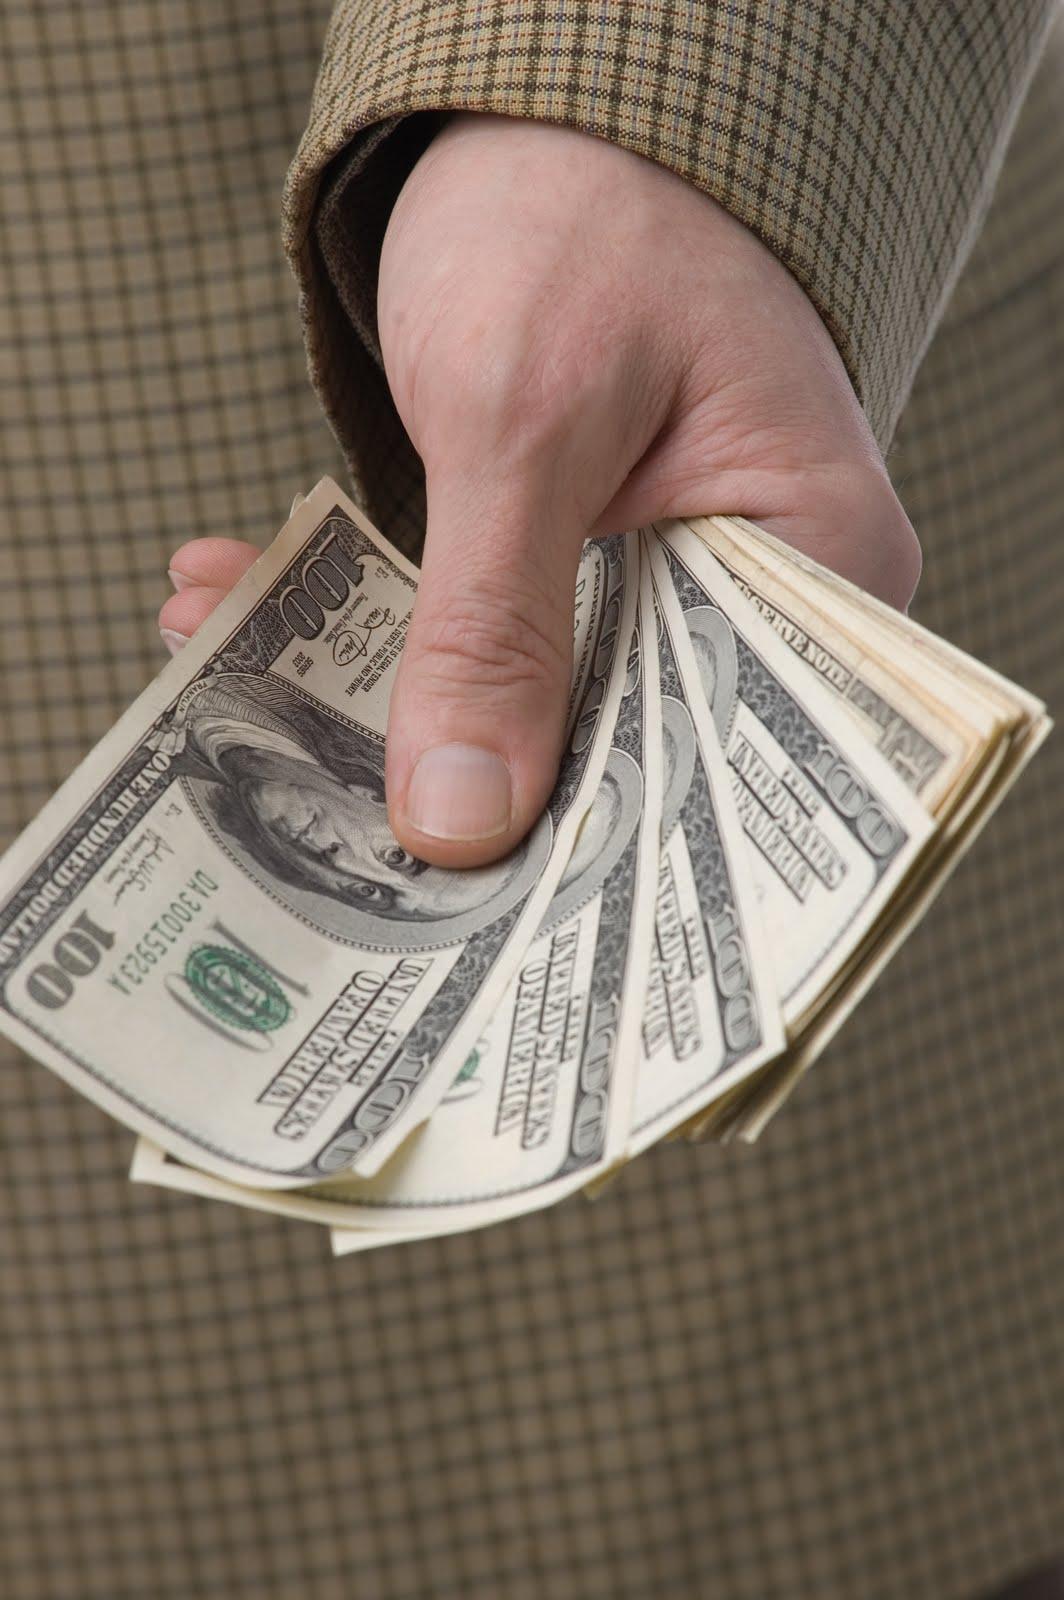 Forex можно ли выиграть? как снять деньги со счета?